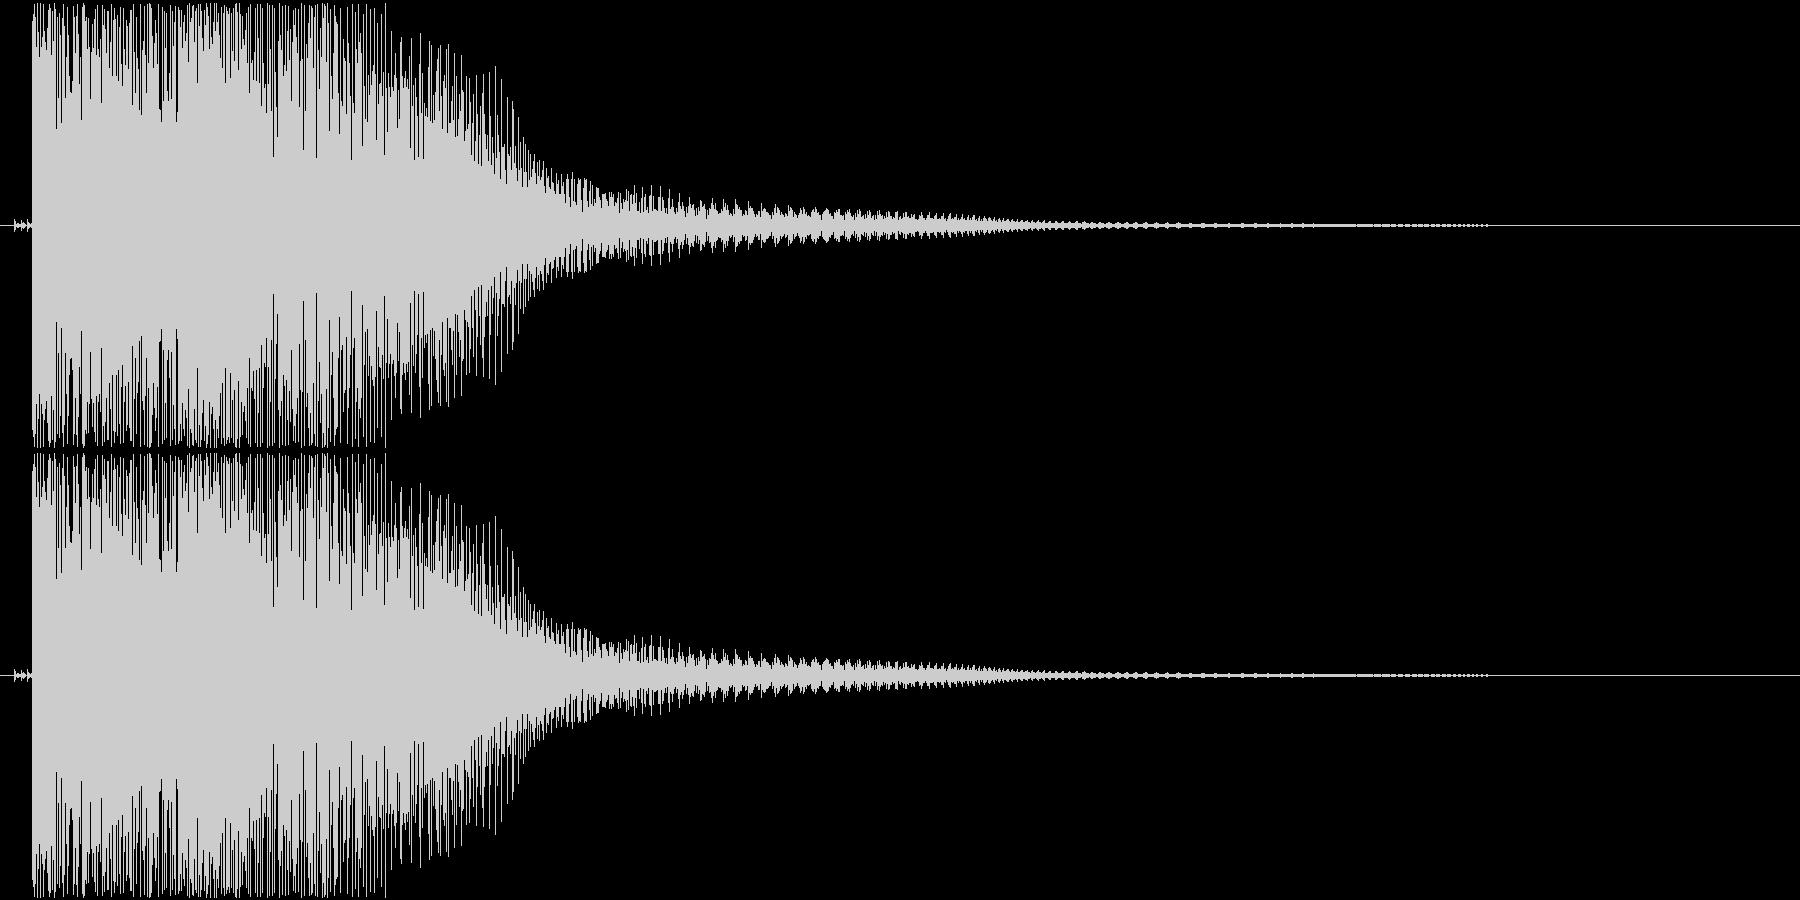 ダメージ音01(ポヨン)の未再生の波形